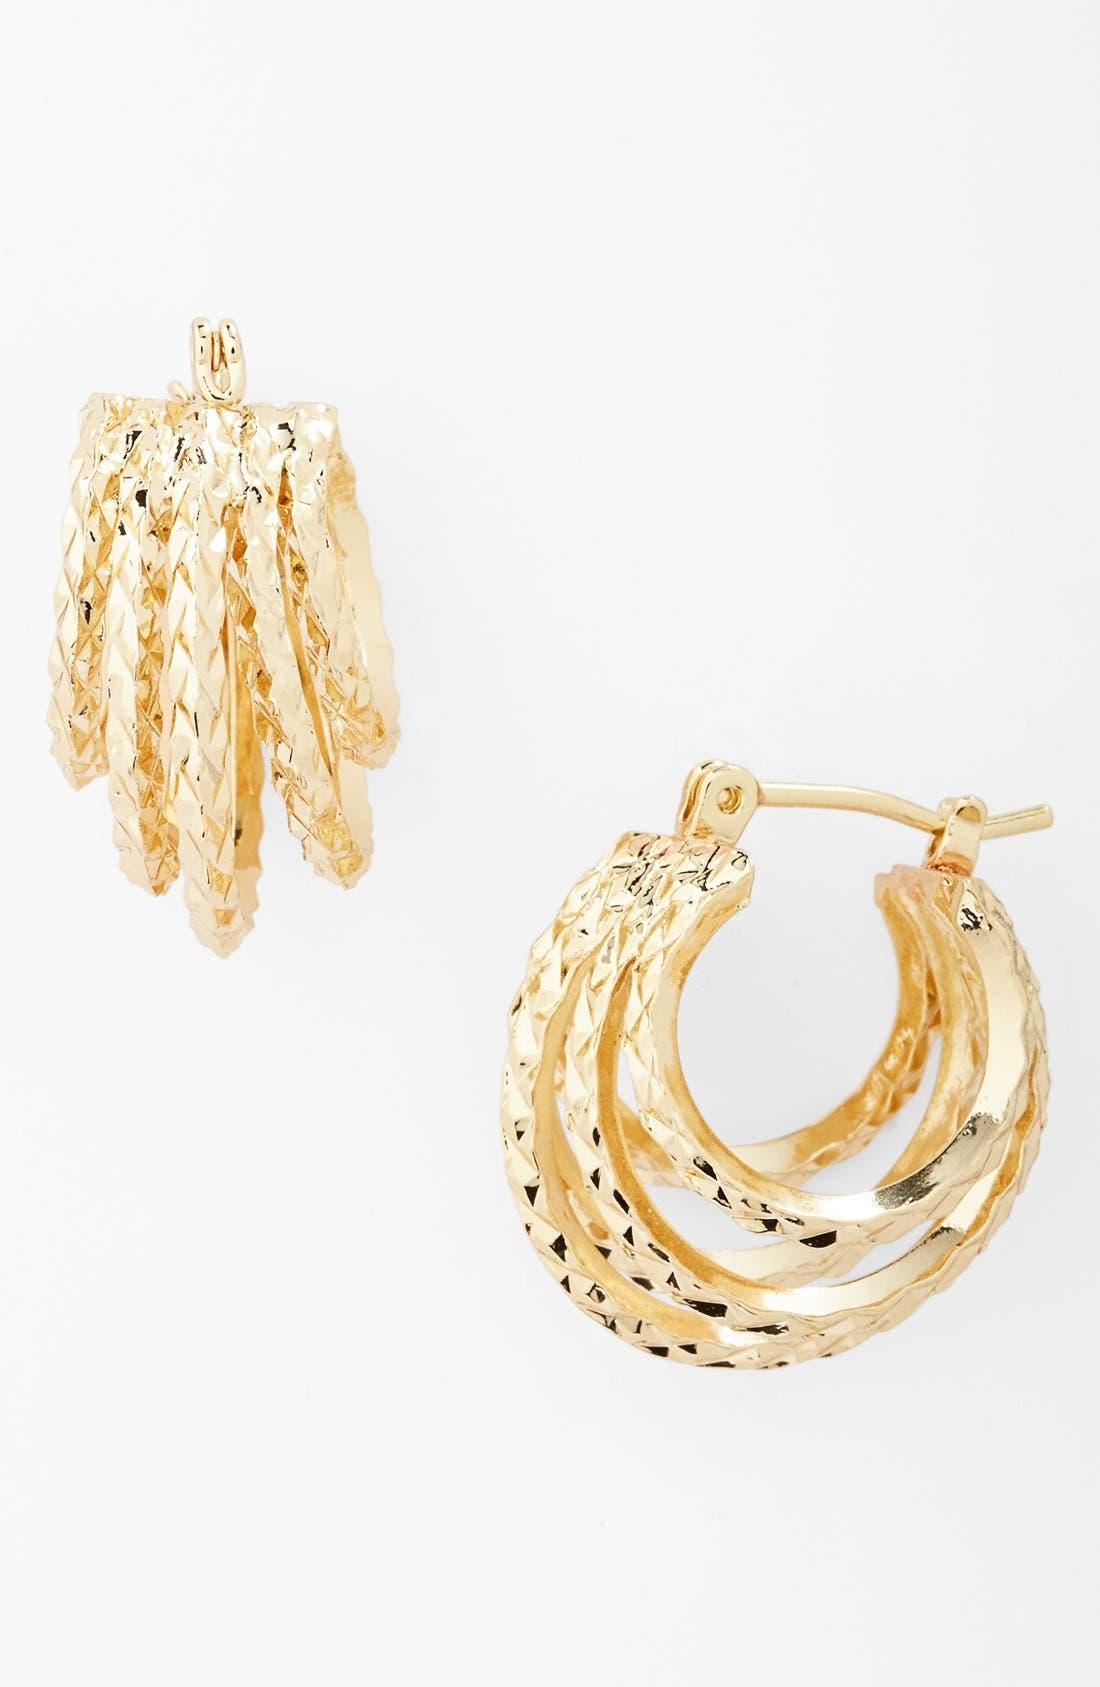 Main Image - Natasha Couture 'Tiny' Hoop Earrings